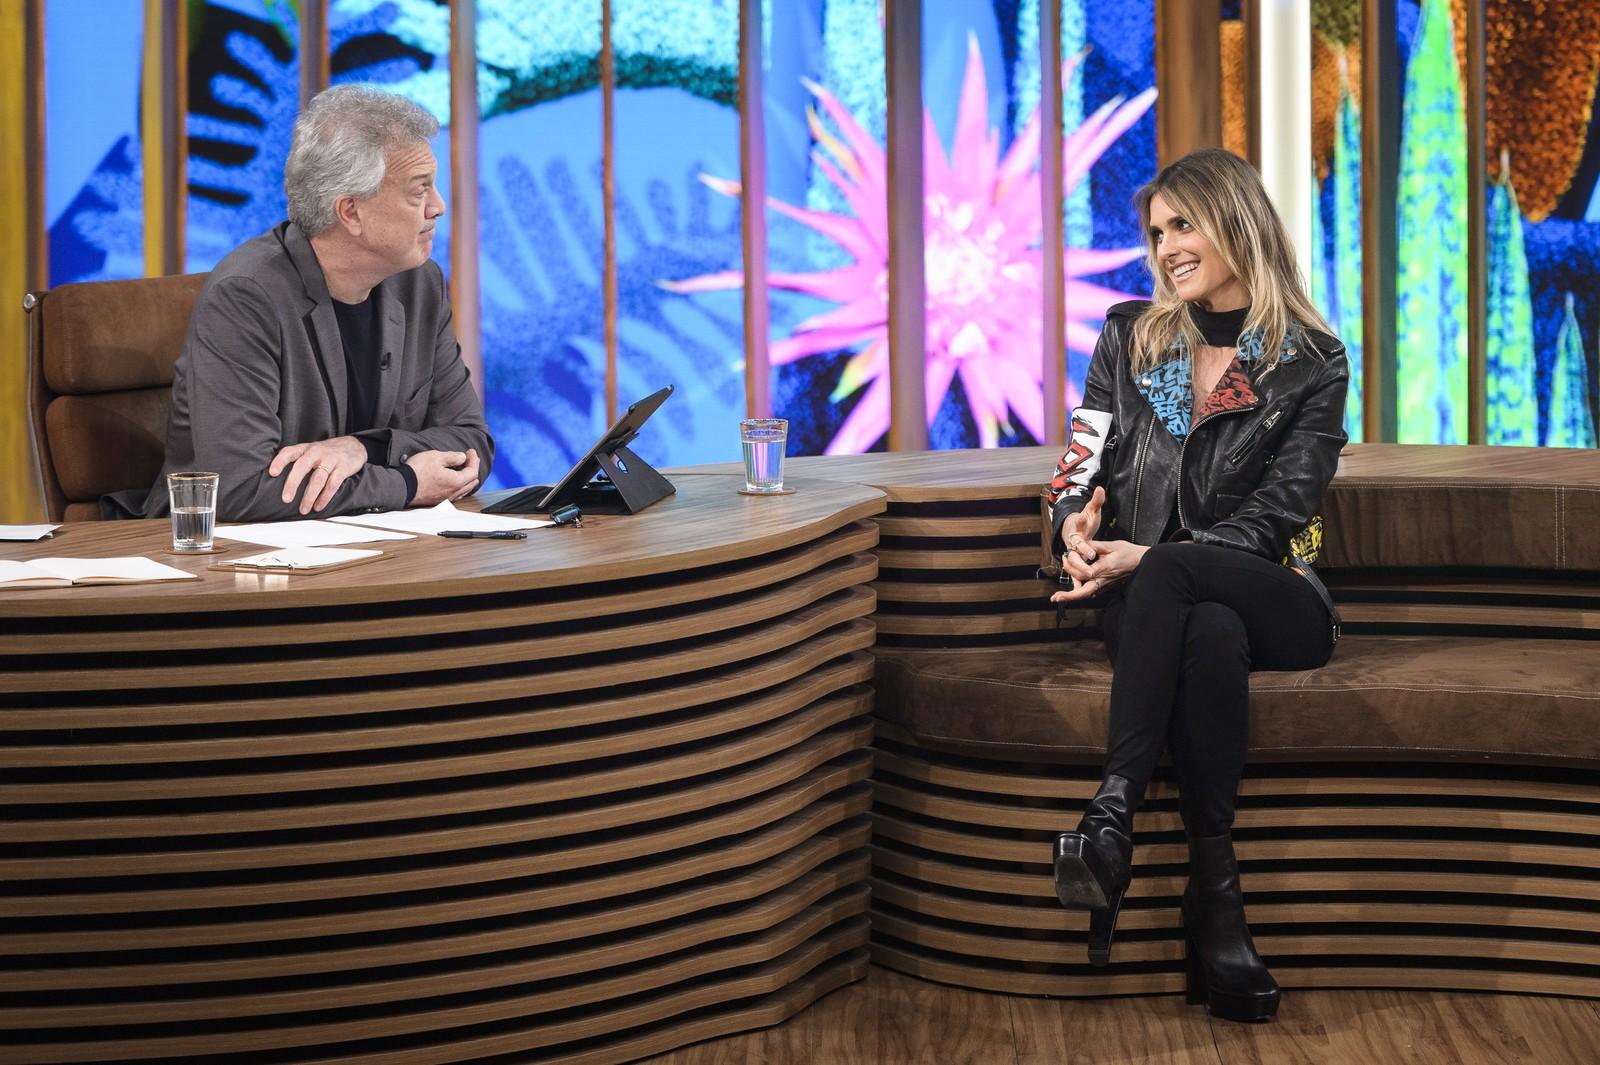 Ouve aí o Celebritycast episódio 13 - Conversa com Bial e muito mais - 1o semestre de 2017 (novo)